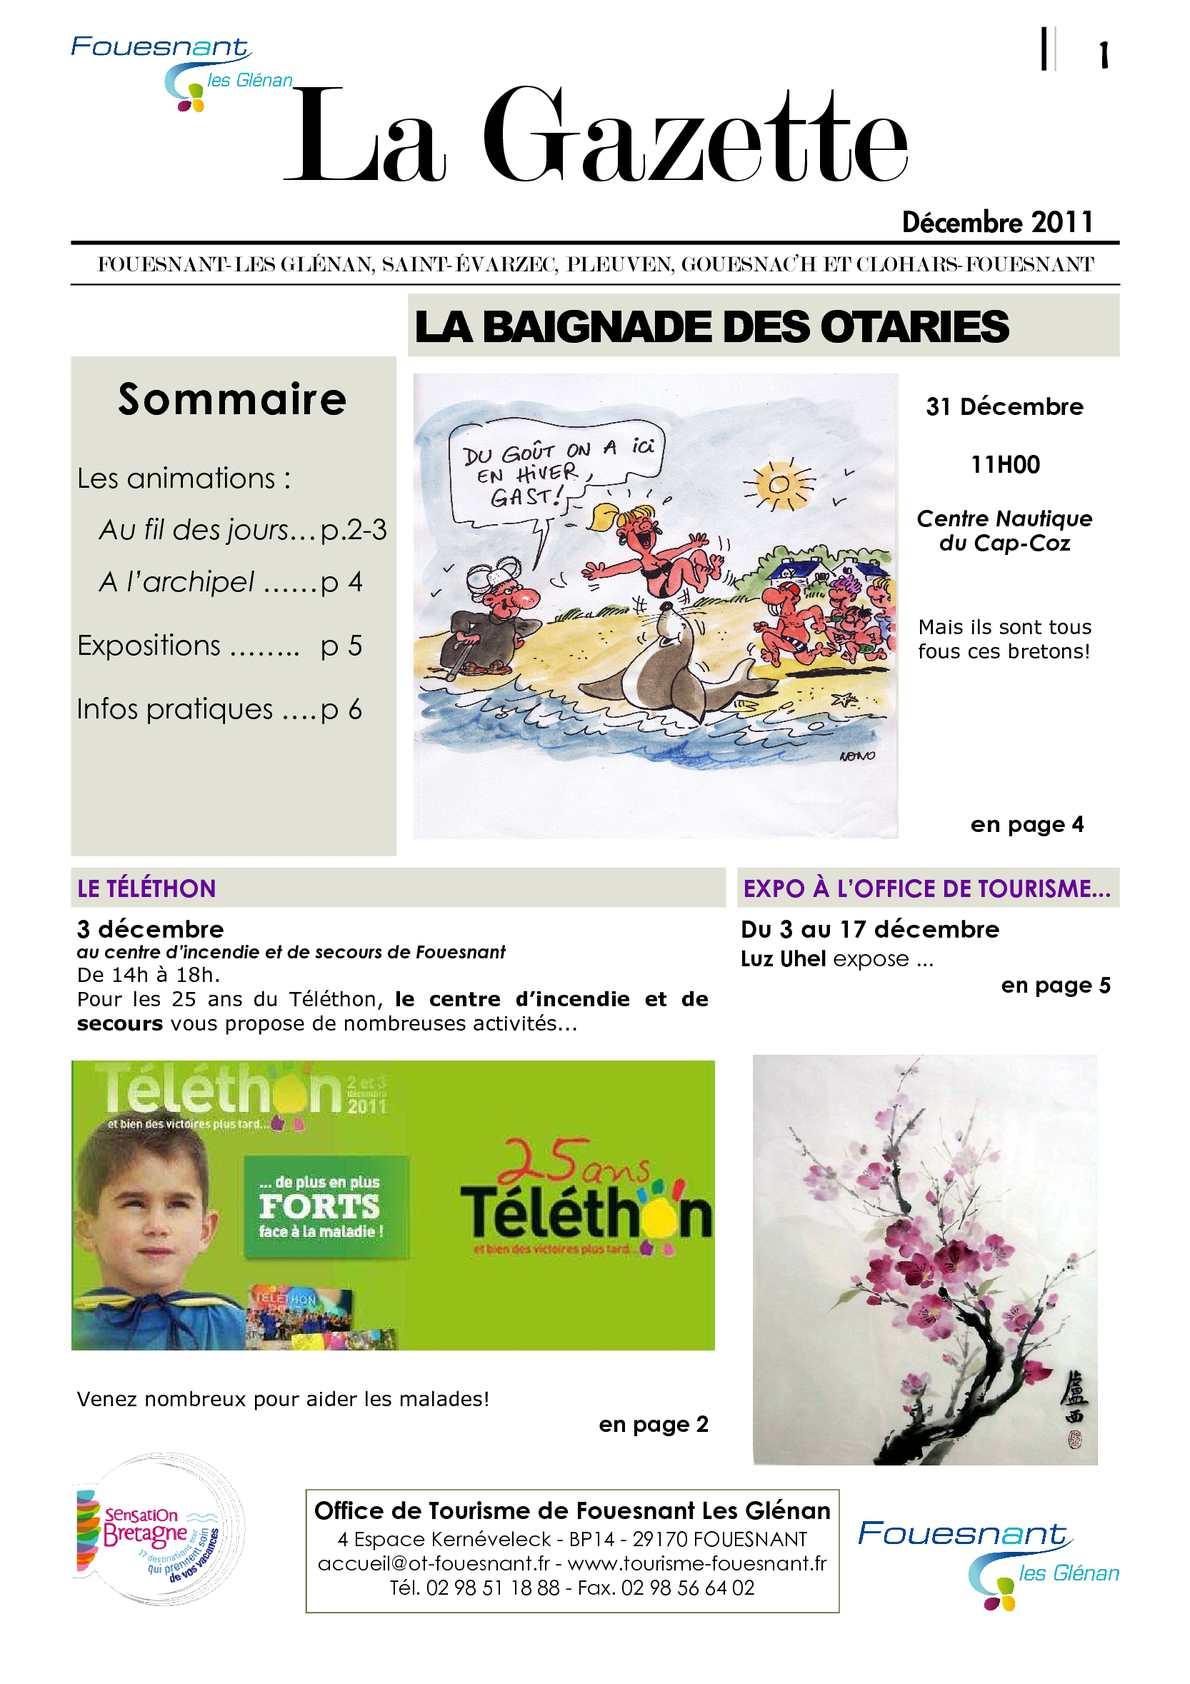 Calam o gazette du mois de d cembre 2011 - Office tourisme fouesnant ...